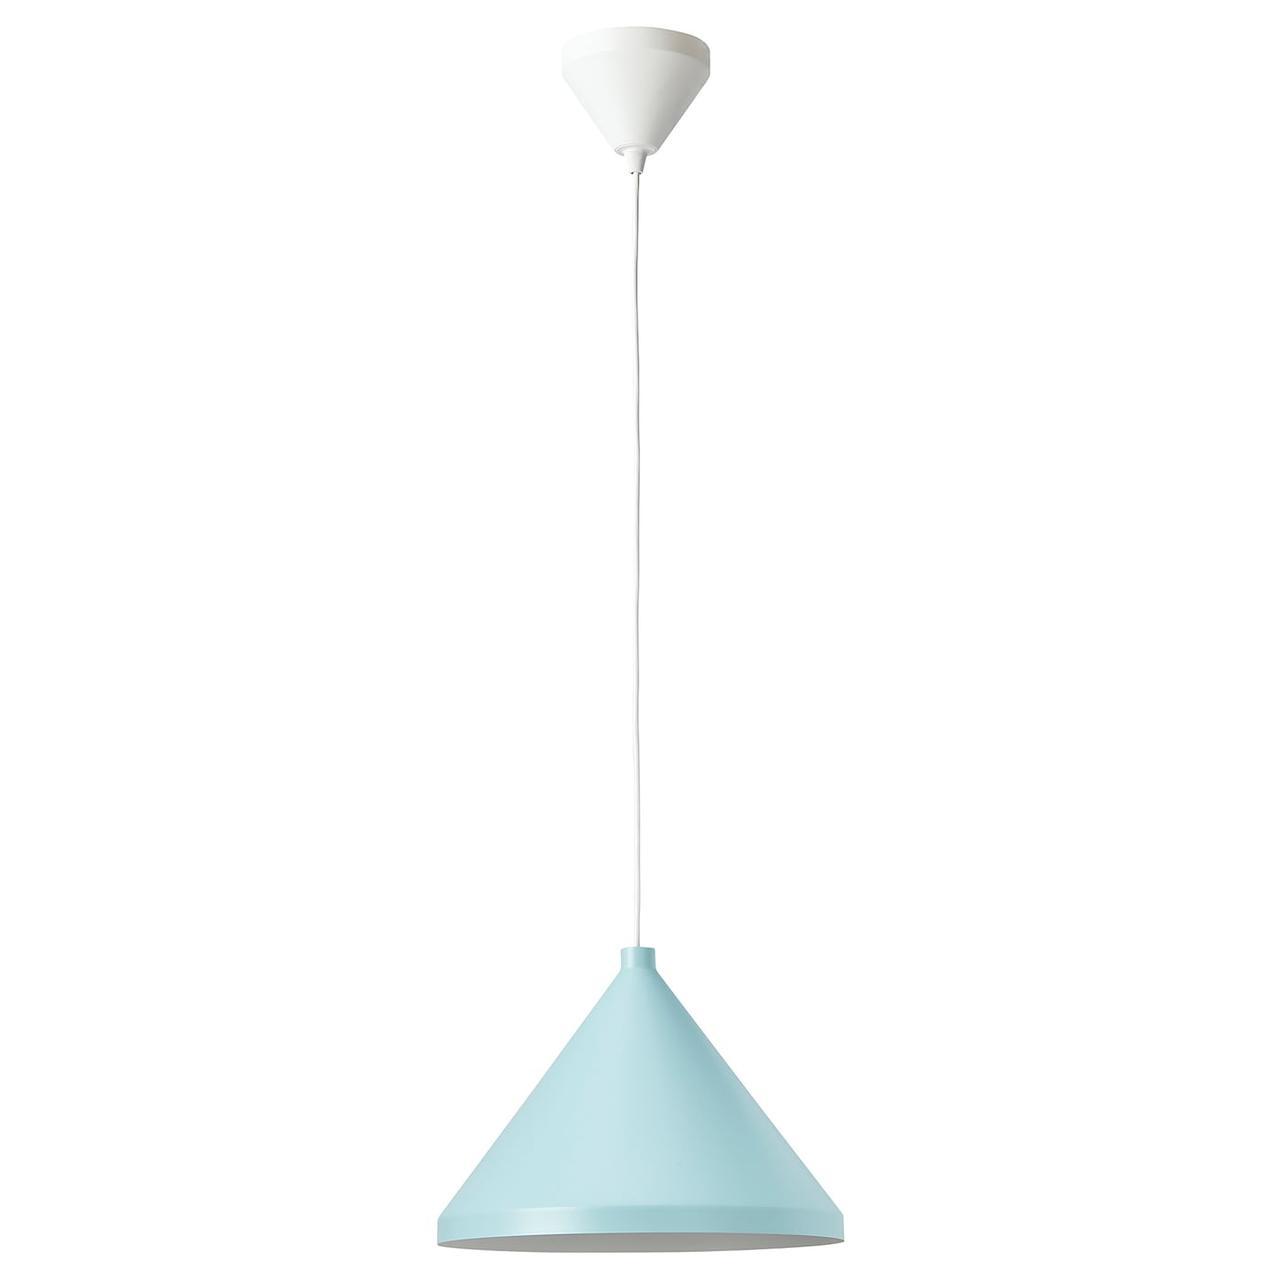 IKEA NÄVLINGE Подвесной светильник, светло-голубой 33 см